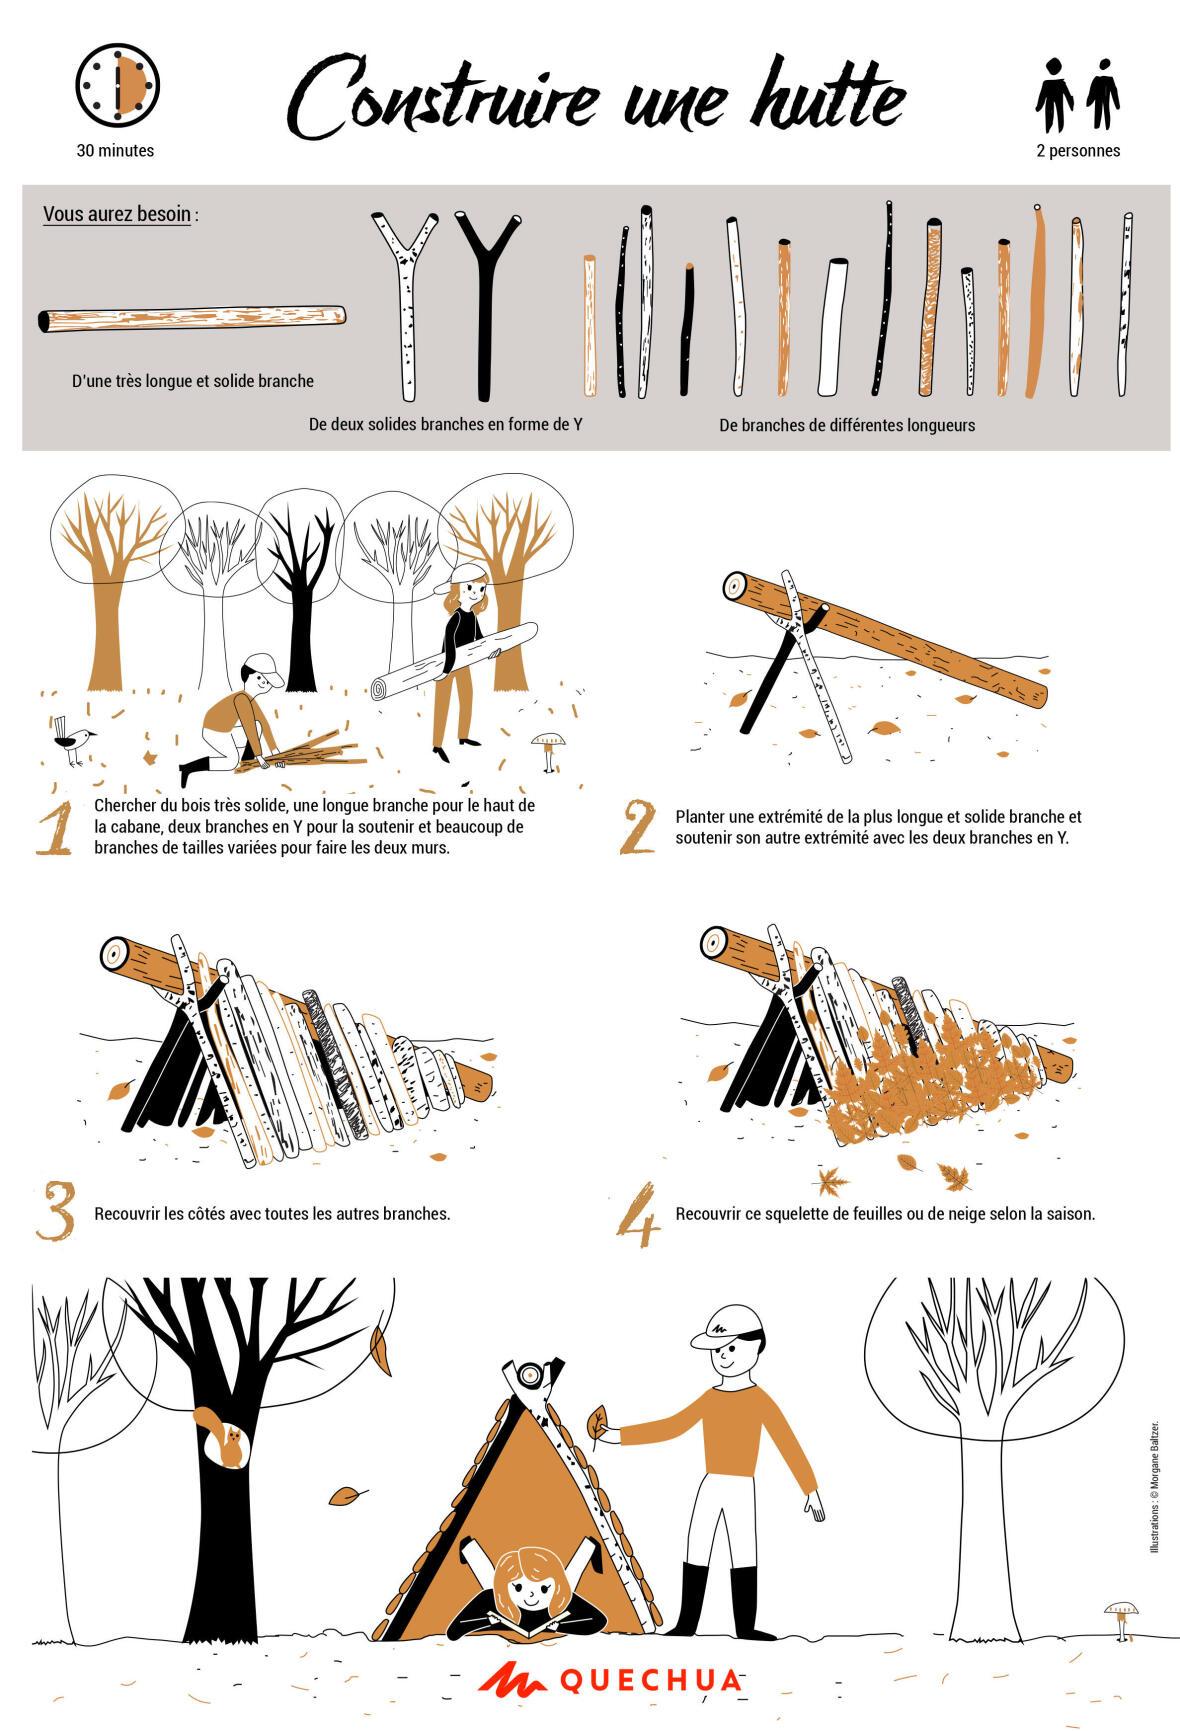 8 activités pour occuper son enfant en randonnée8 activités pour occuper son enfant en randonnée